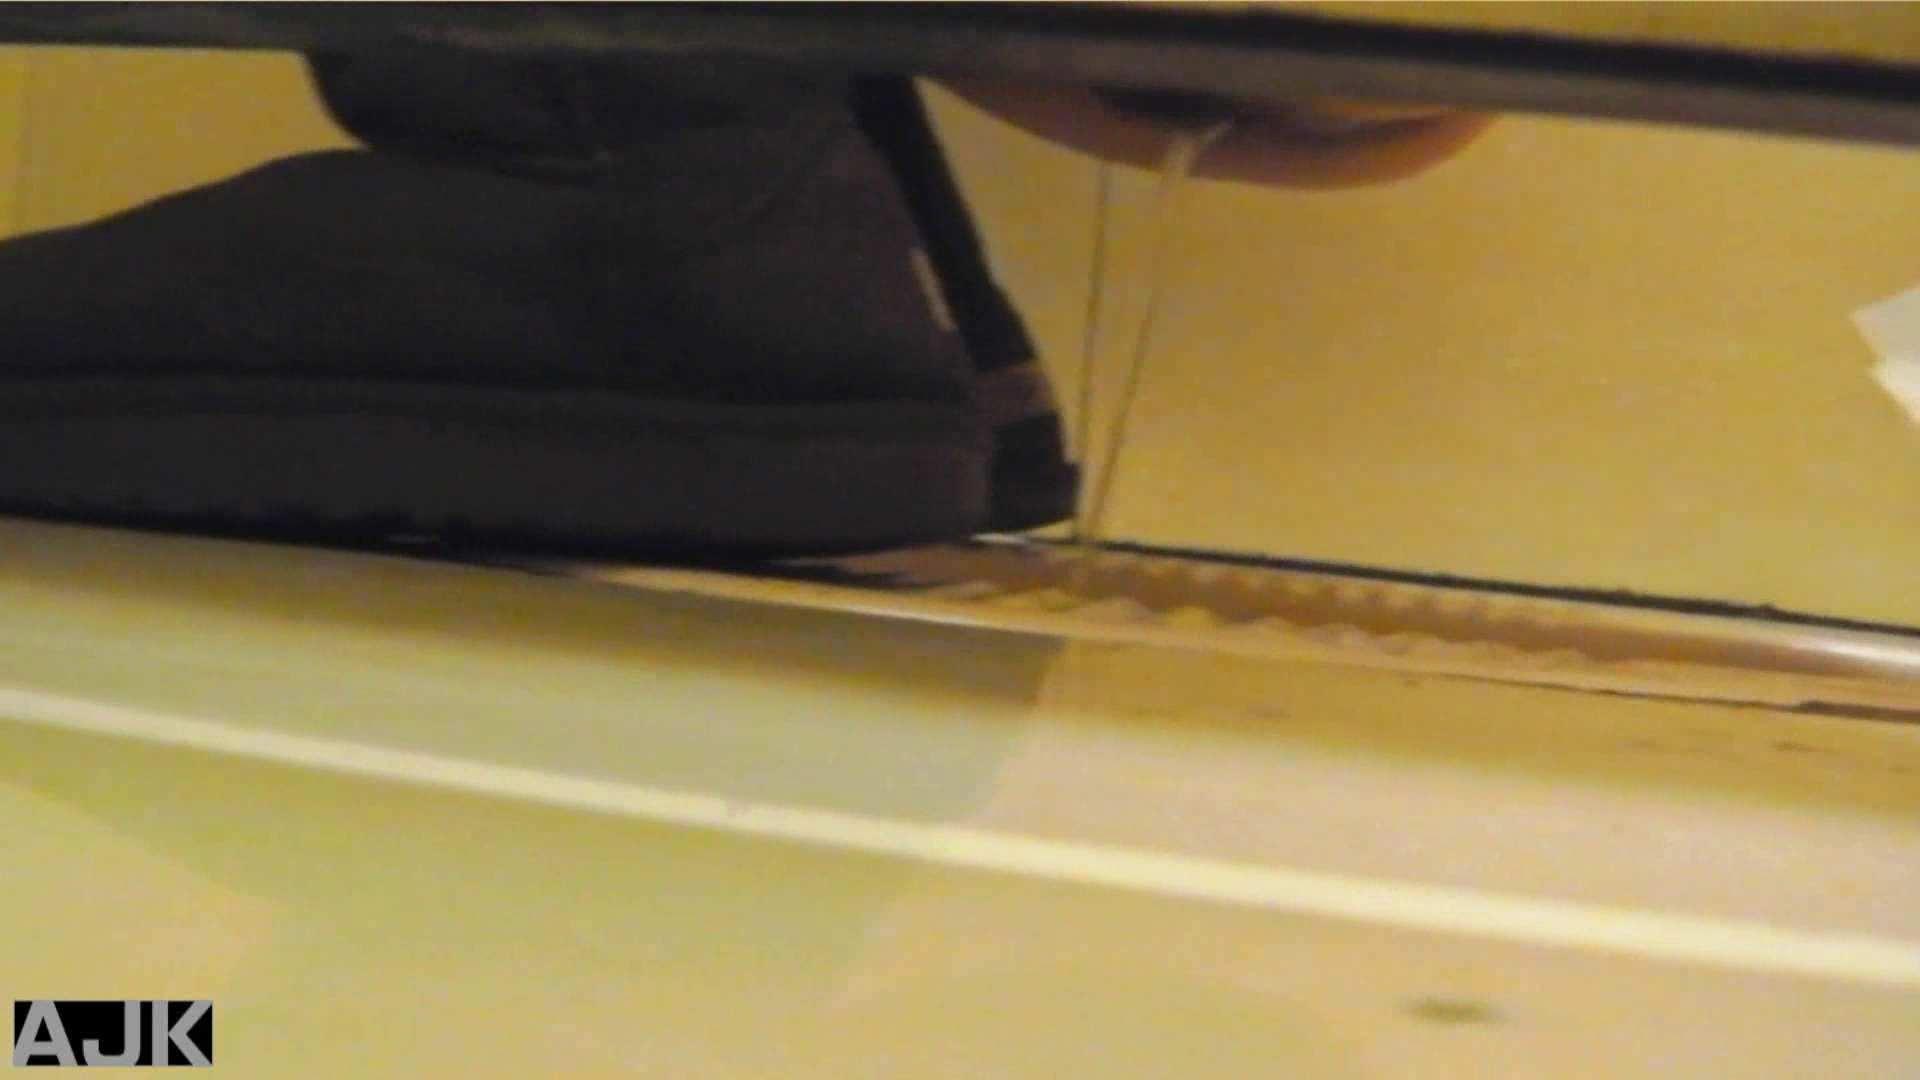 隣国上階級エリアの令嬢たちが集うデパートお手洗い Vol.01 OL   お手洗い  31連発 29